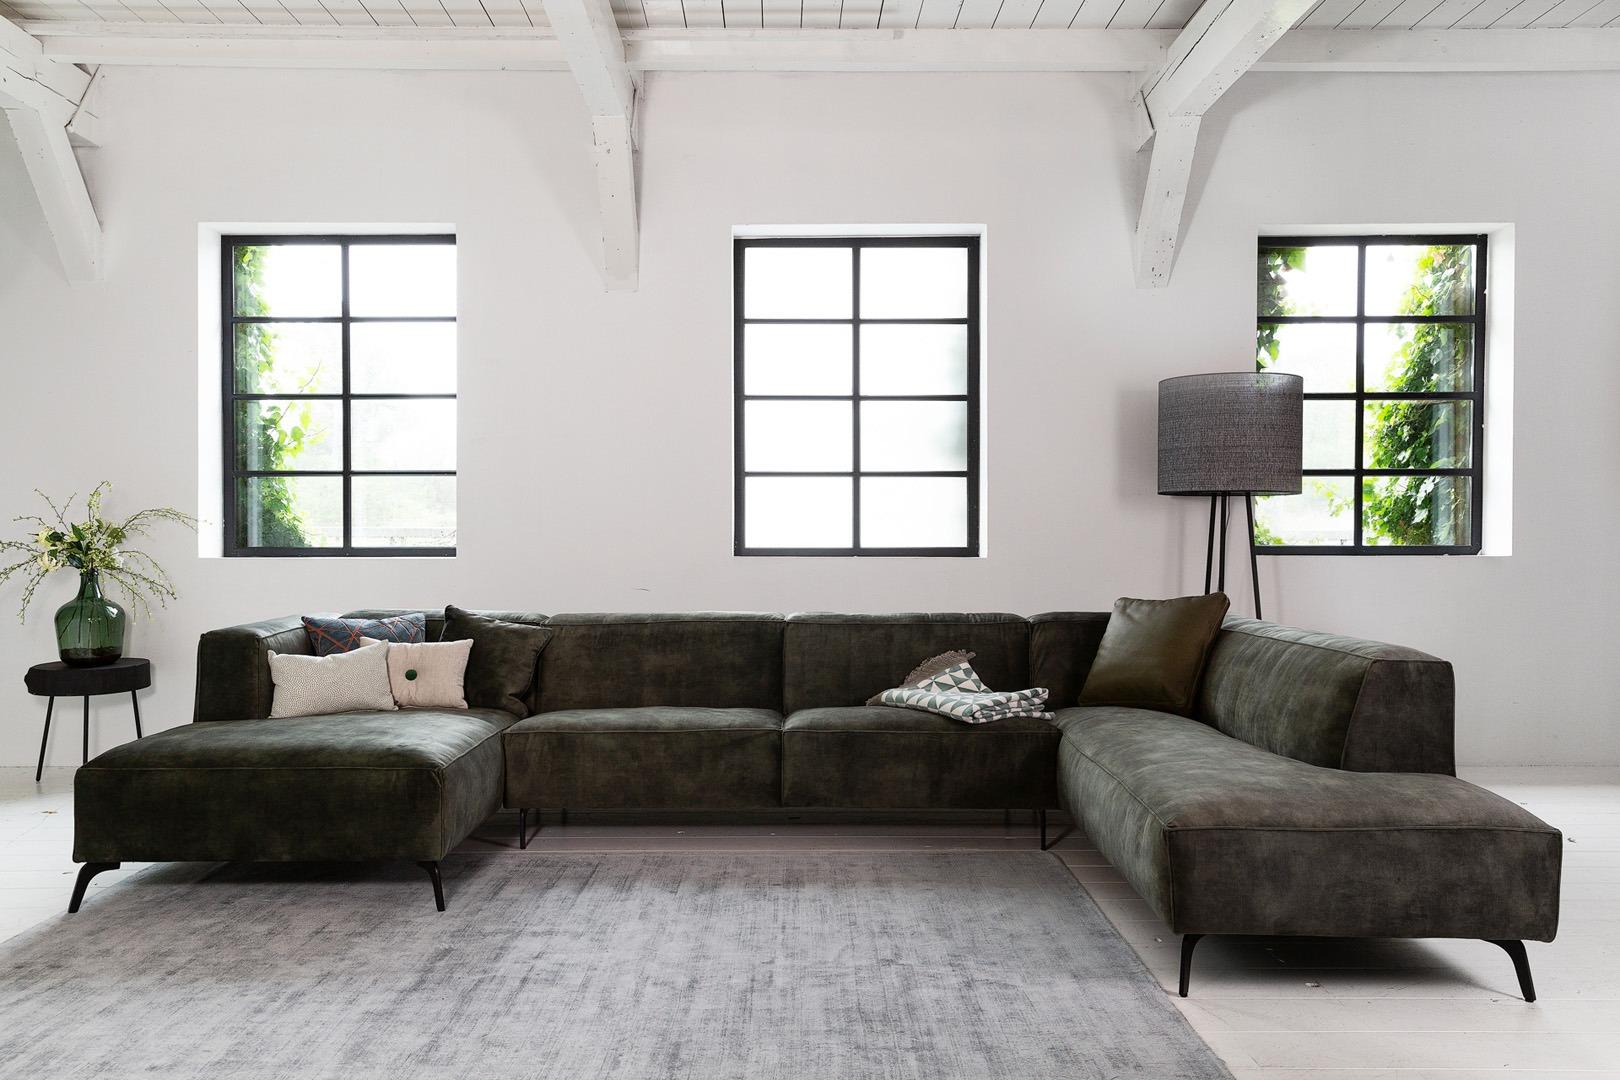 vino-piemonte-groen-stof-ubank-hoekbank-soofs-interieur-jpg (1)